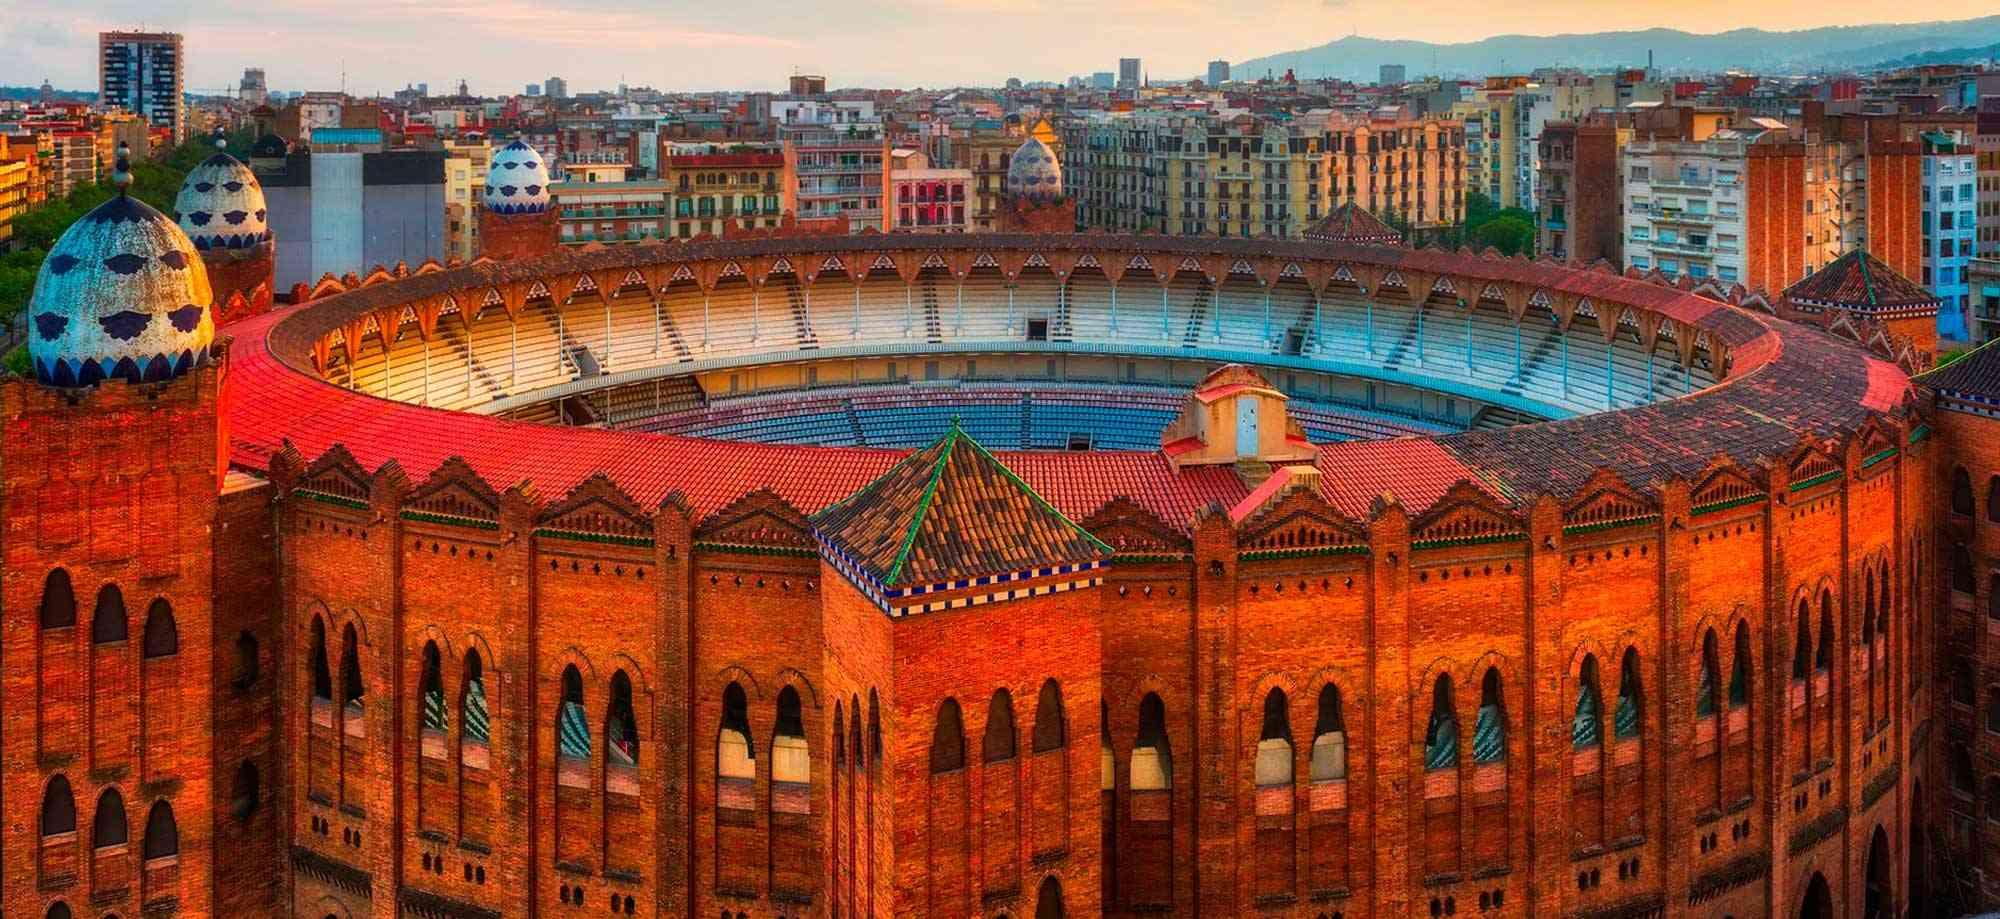 شهر بارسلون ؛ سرزمین فوتبال و گاوبازی